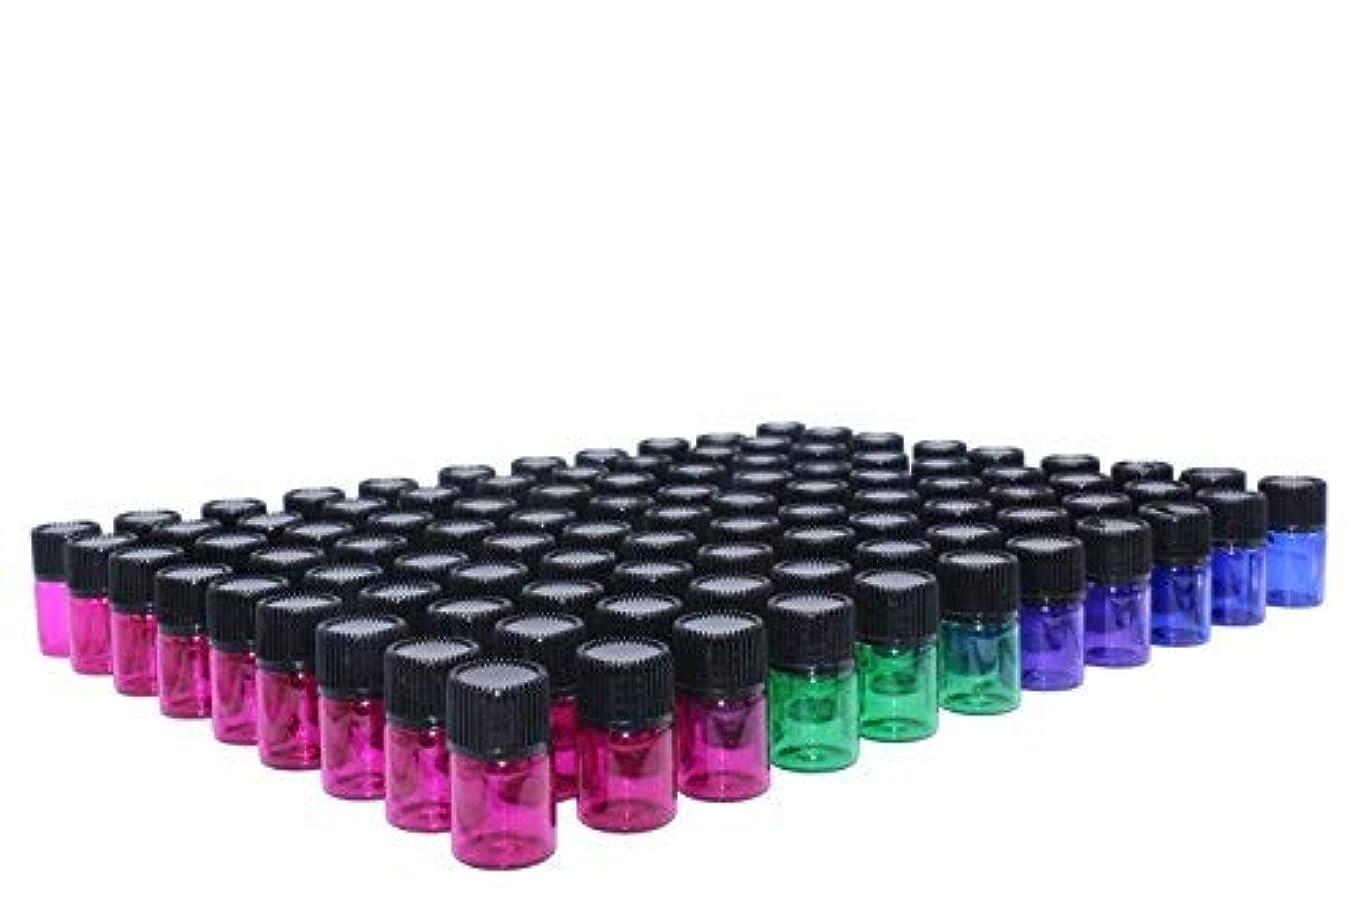 マイナー華氏結紮Wresty 2 ml(5/8 dram) Essential Oil Bottle,100 Packs Blue Green Pink Purple Glass Vials with Orifice Reducers...